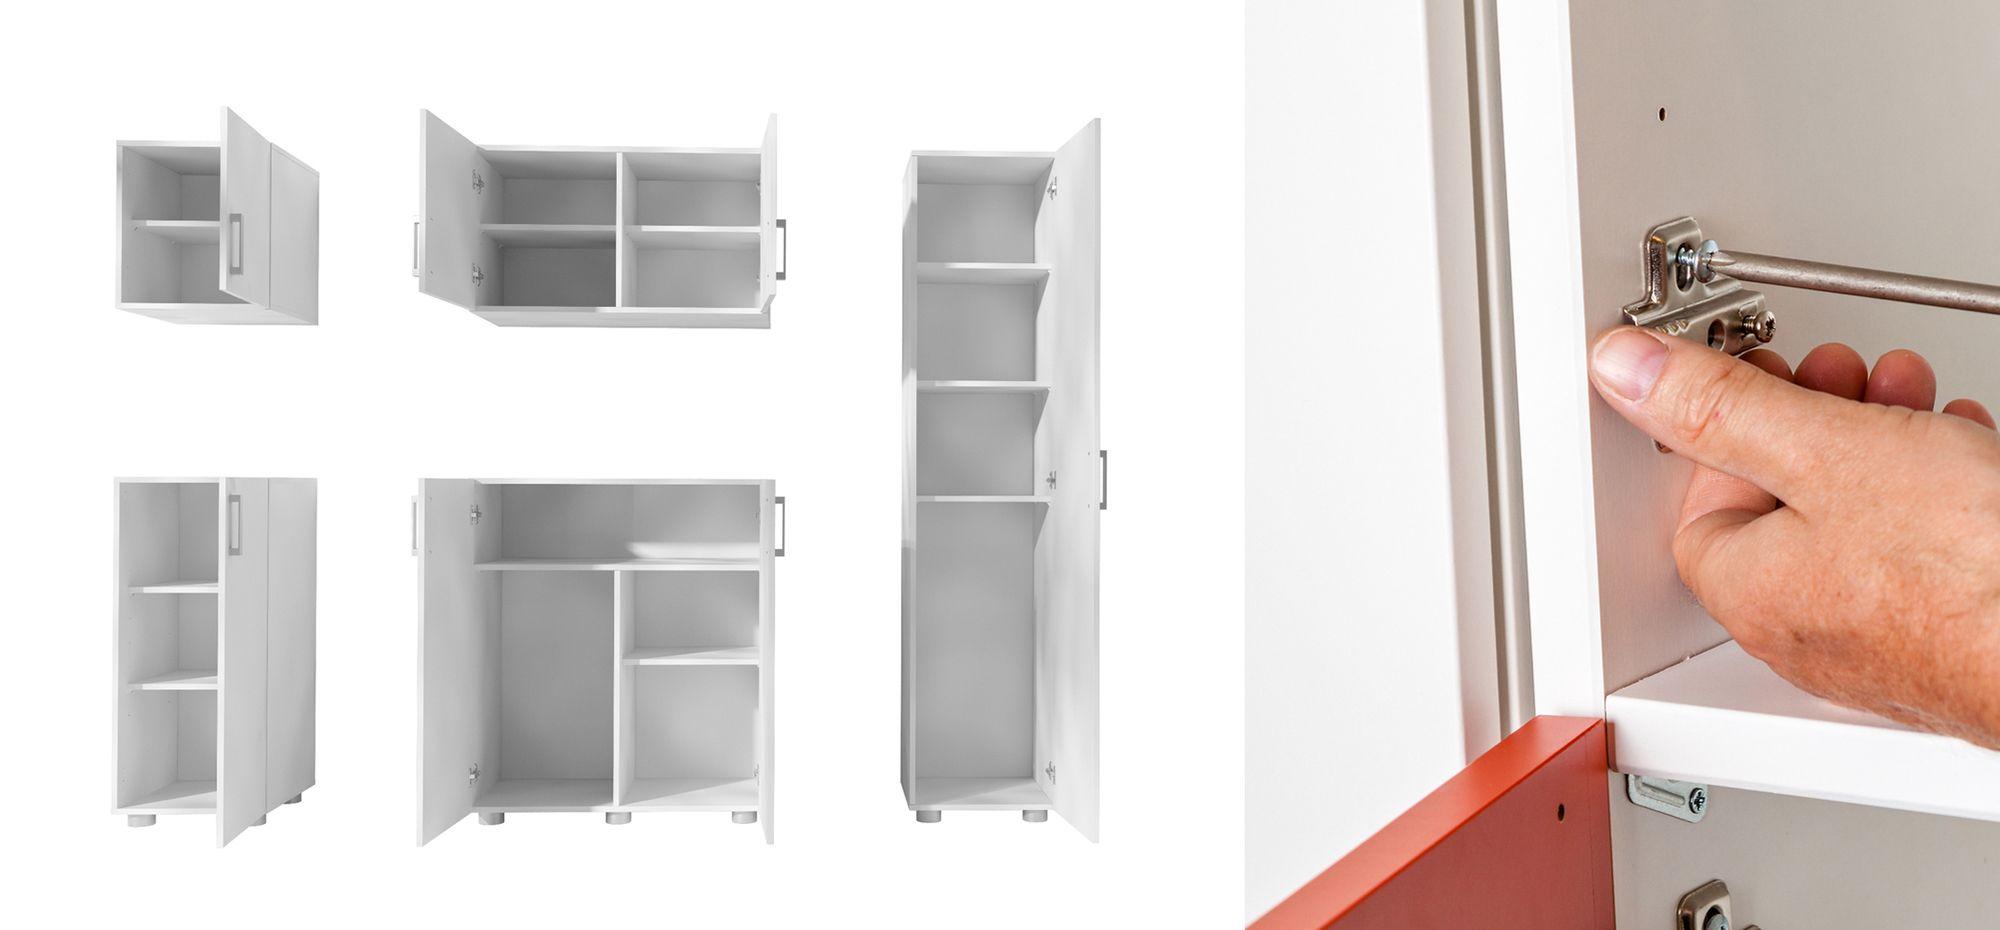 M dulos de cocina muebles de cocina personalizables agloma - Modulos de cocina ...